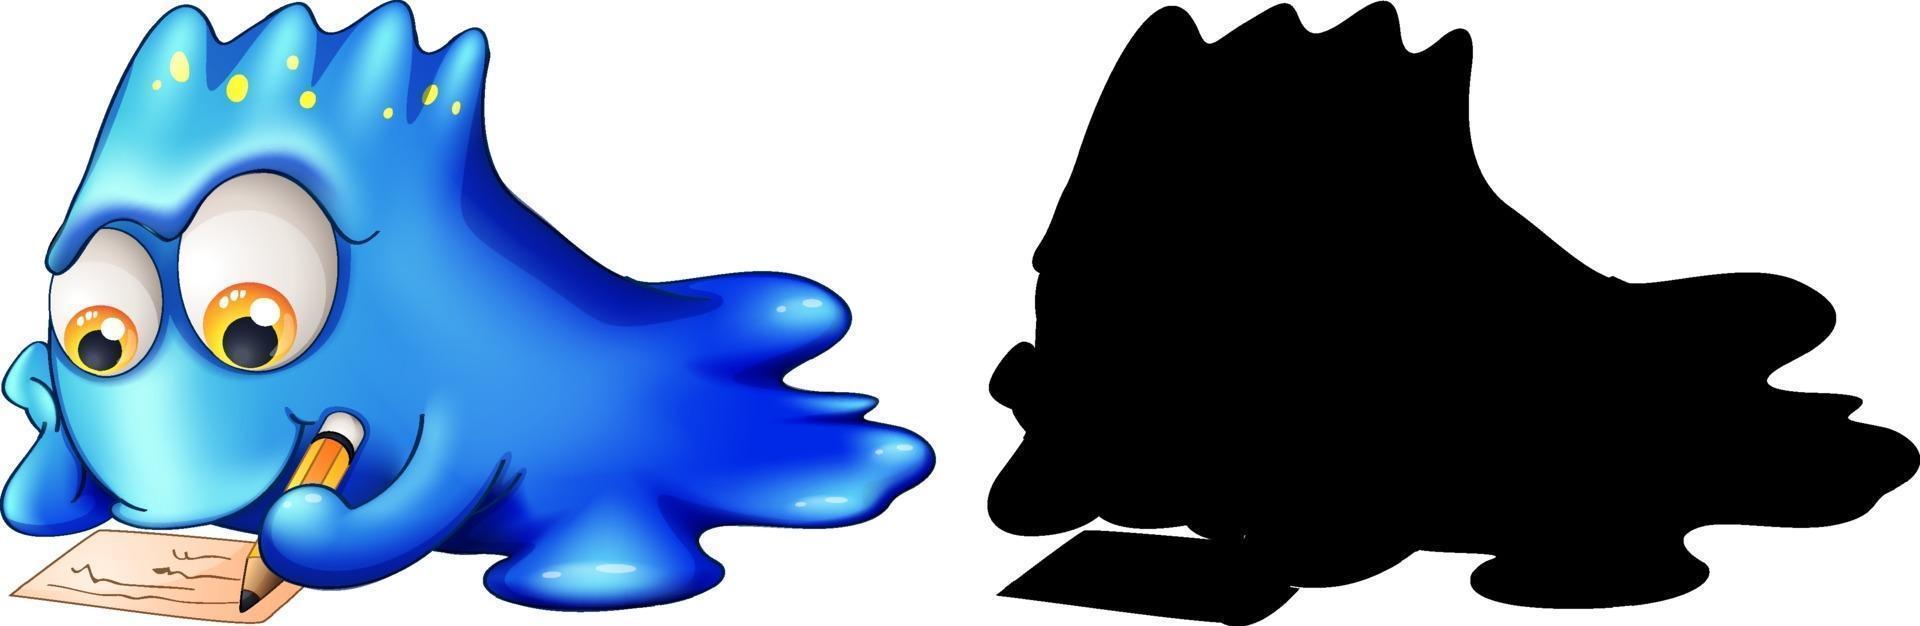 blaues Monster mit seiner Silhouette auf weißem Hintergrund vektor